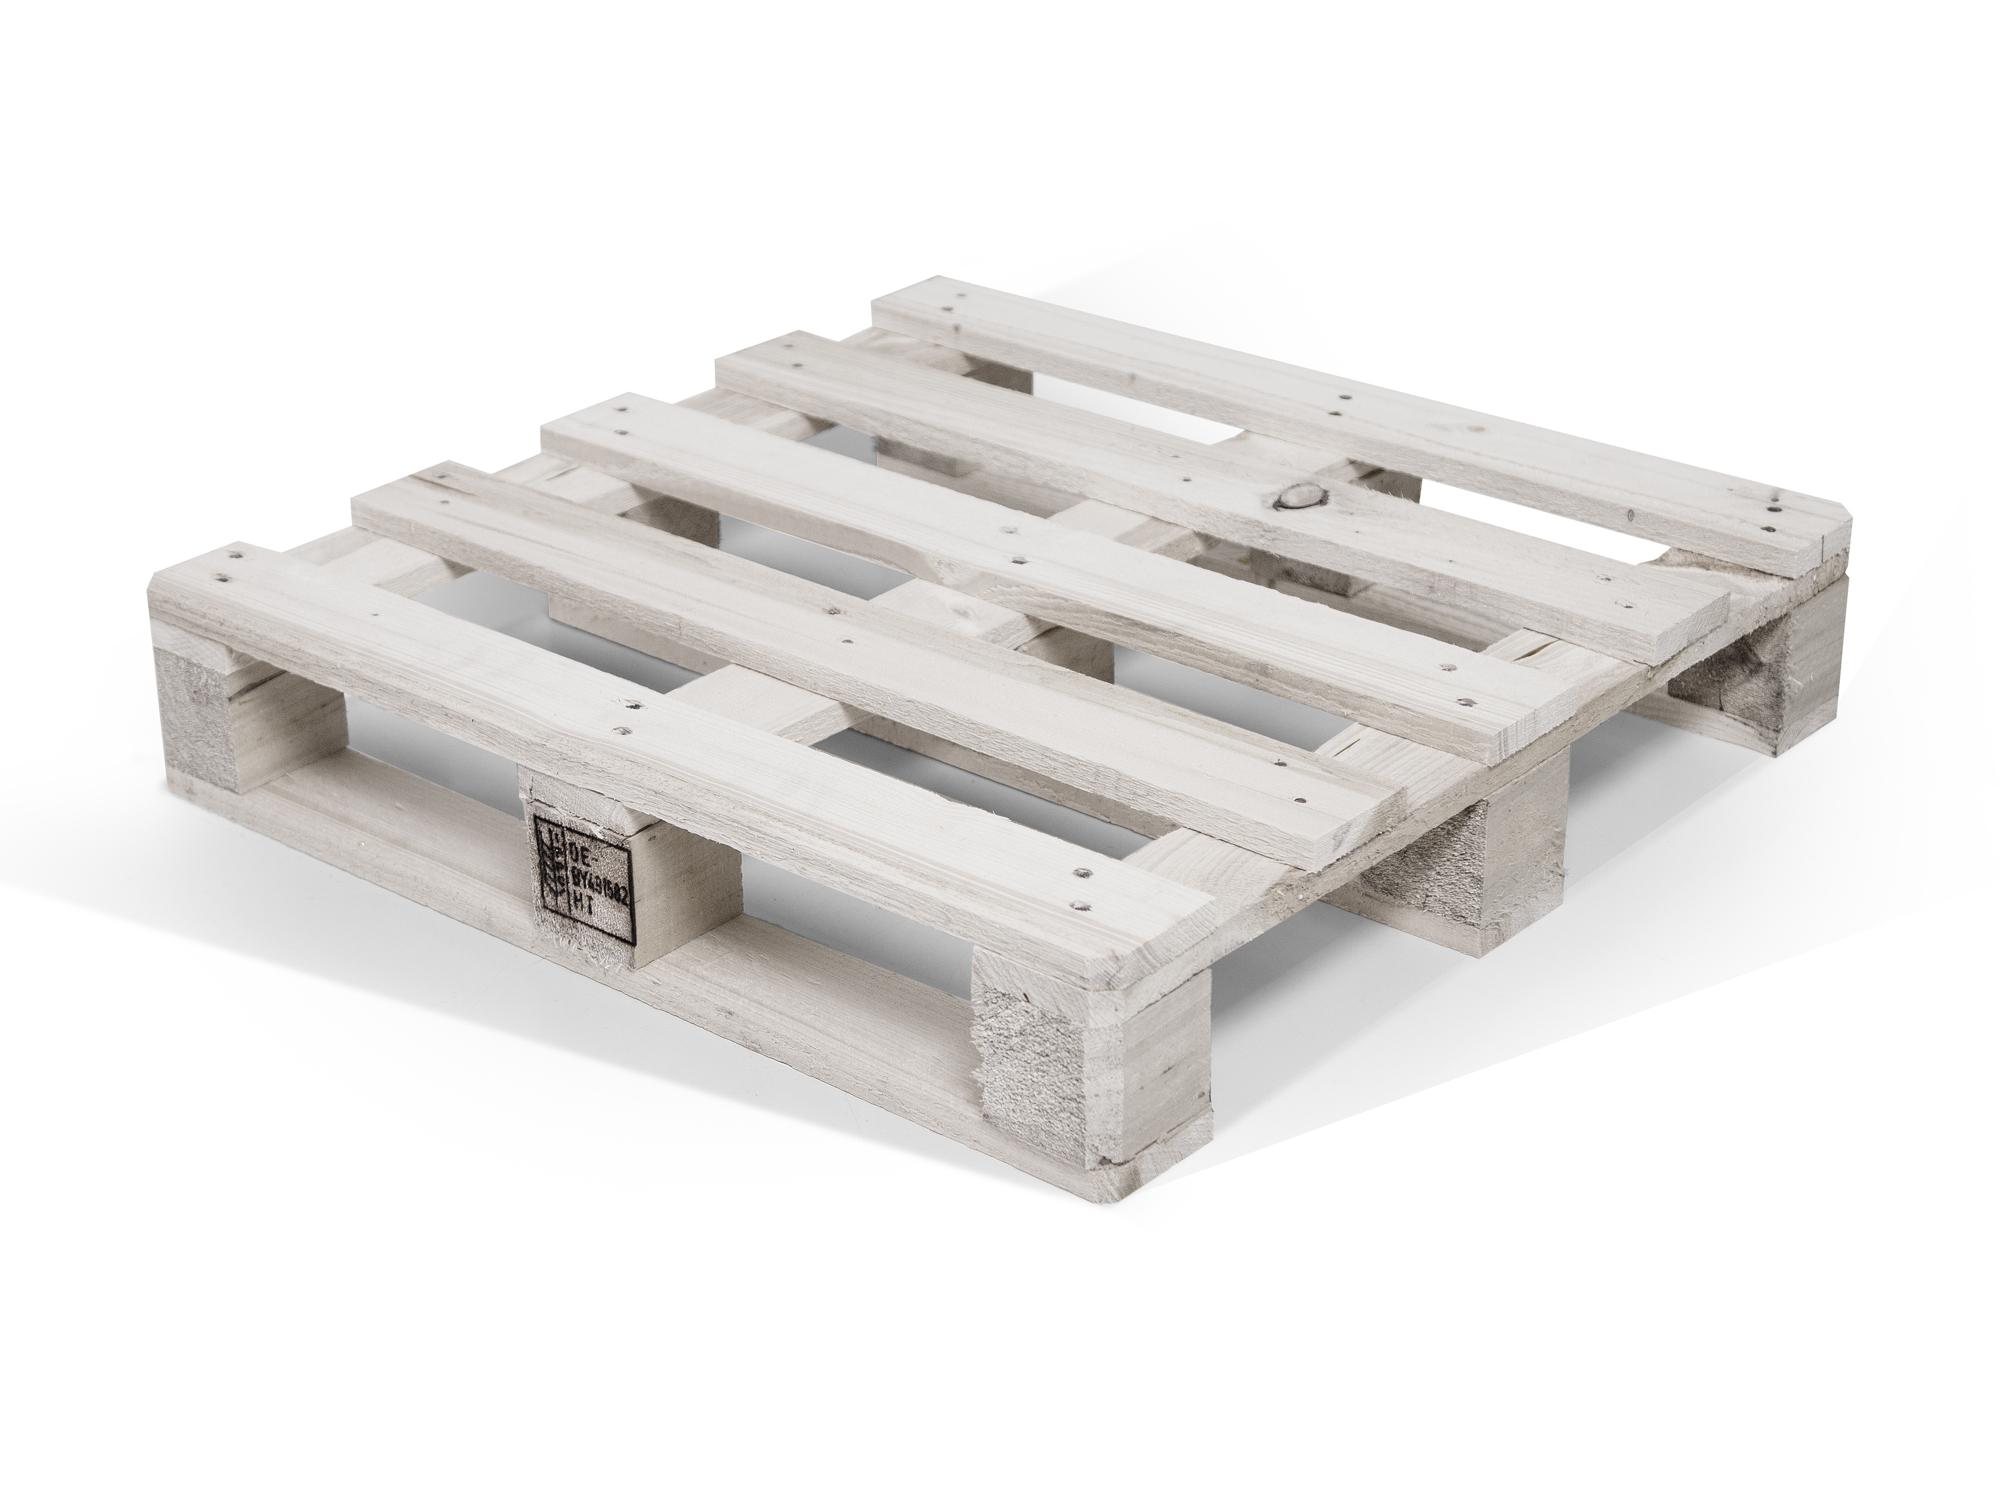 palette 70x70x13 cm fichte weiß zum diy bauen von palettenmöbel